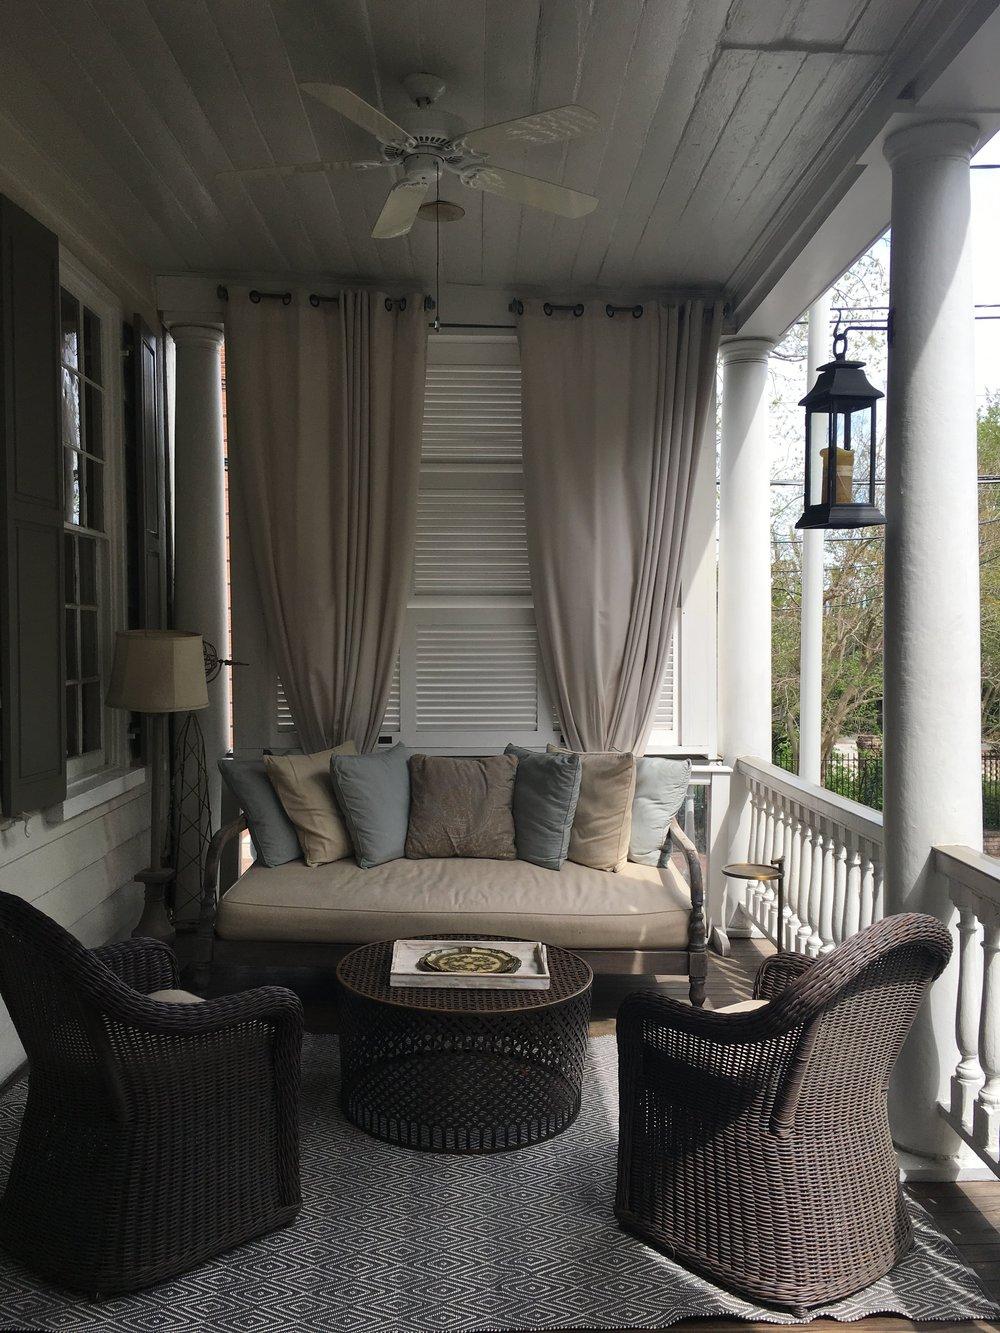 Wanderlust-blog-Charleston-boutique-hotel-piazza